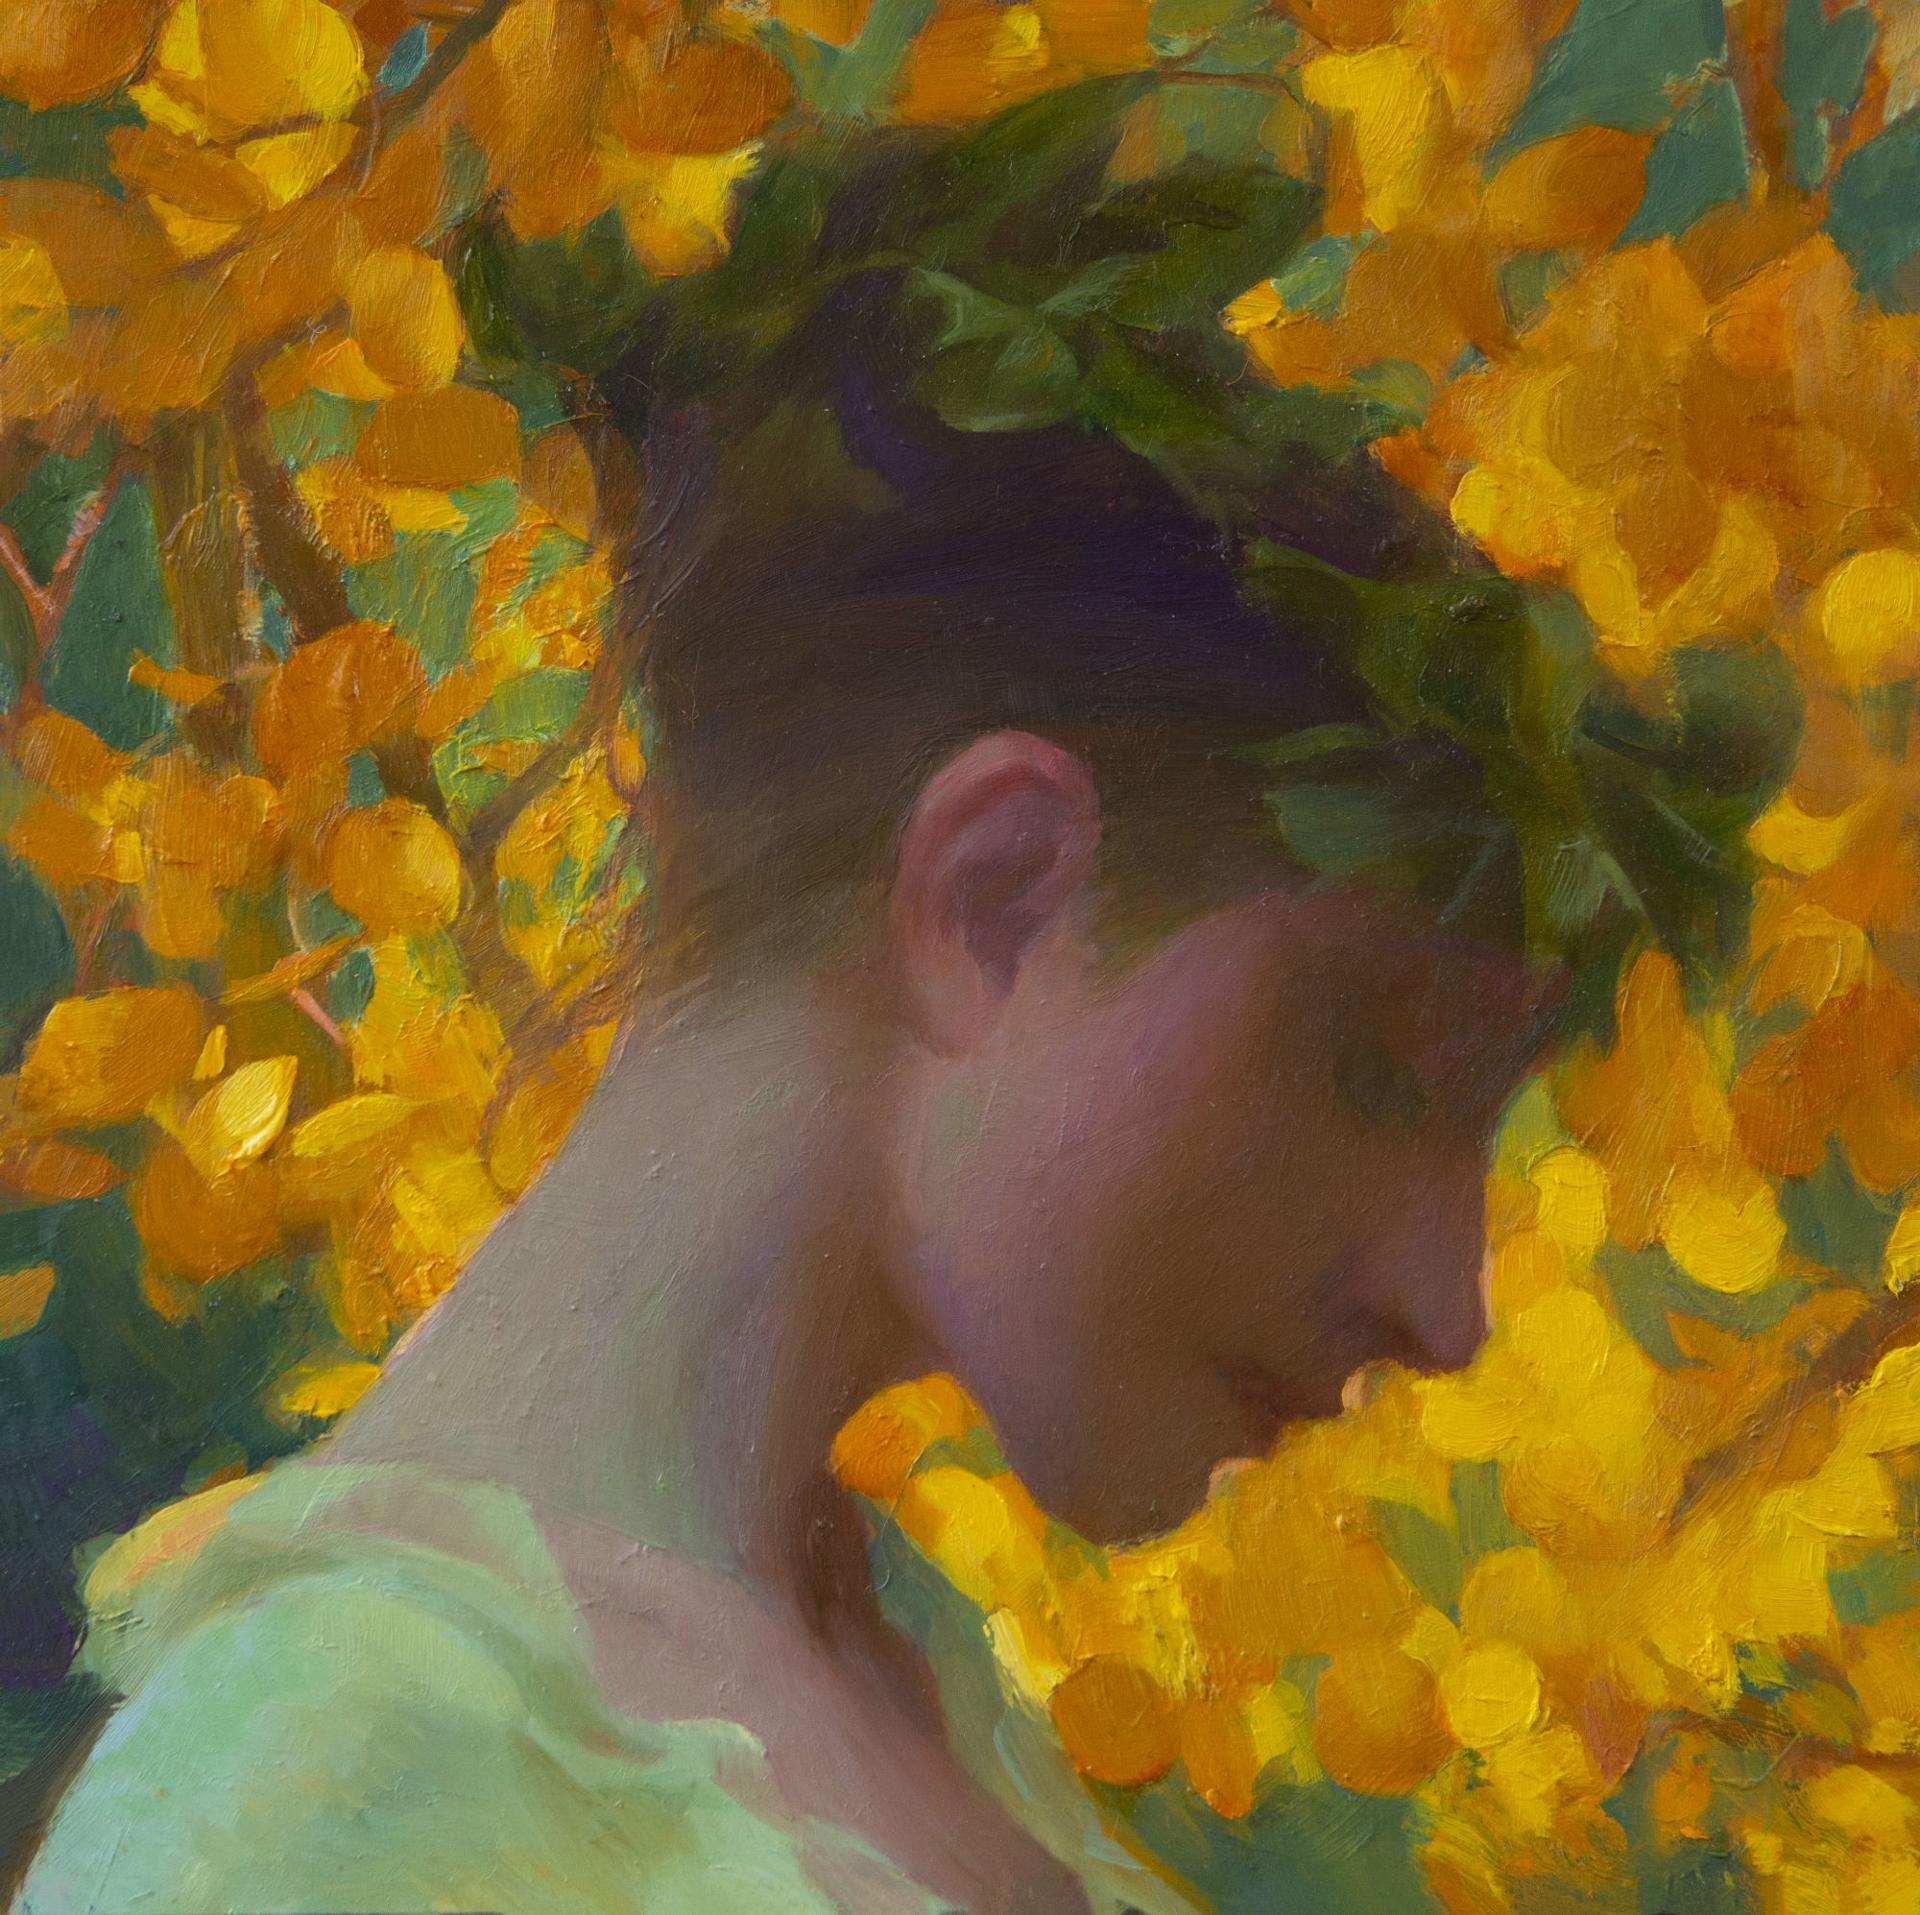 Autumn Aspens by Adrienne Stein